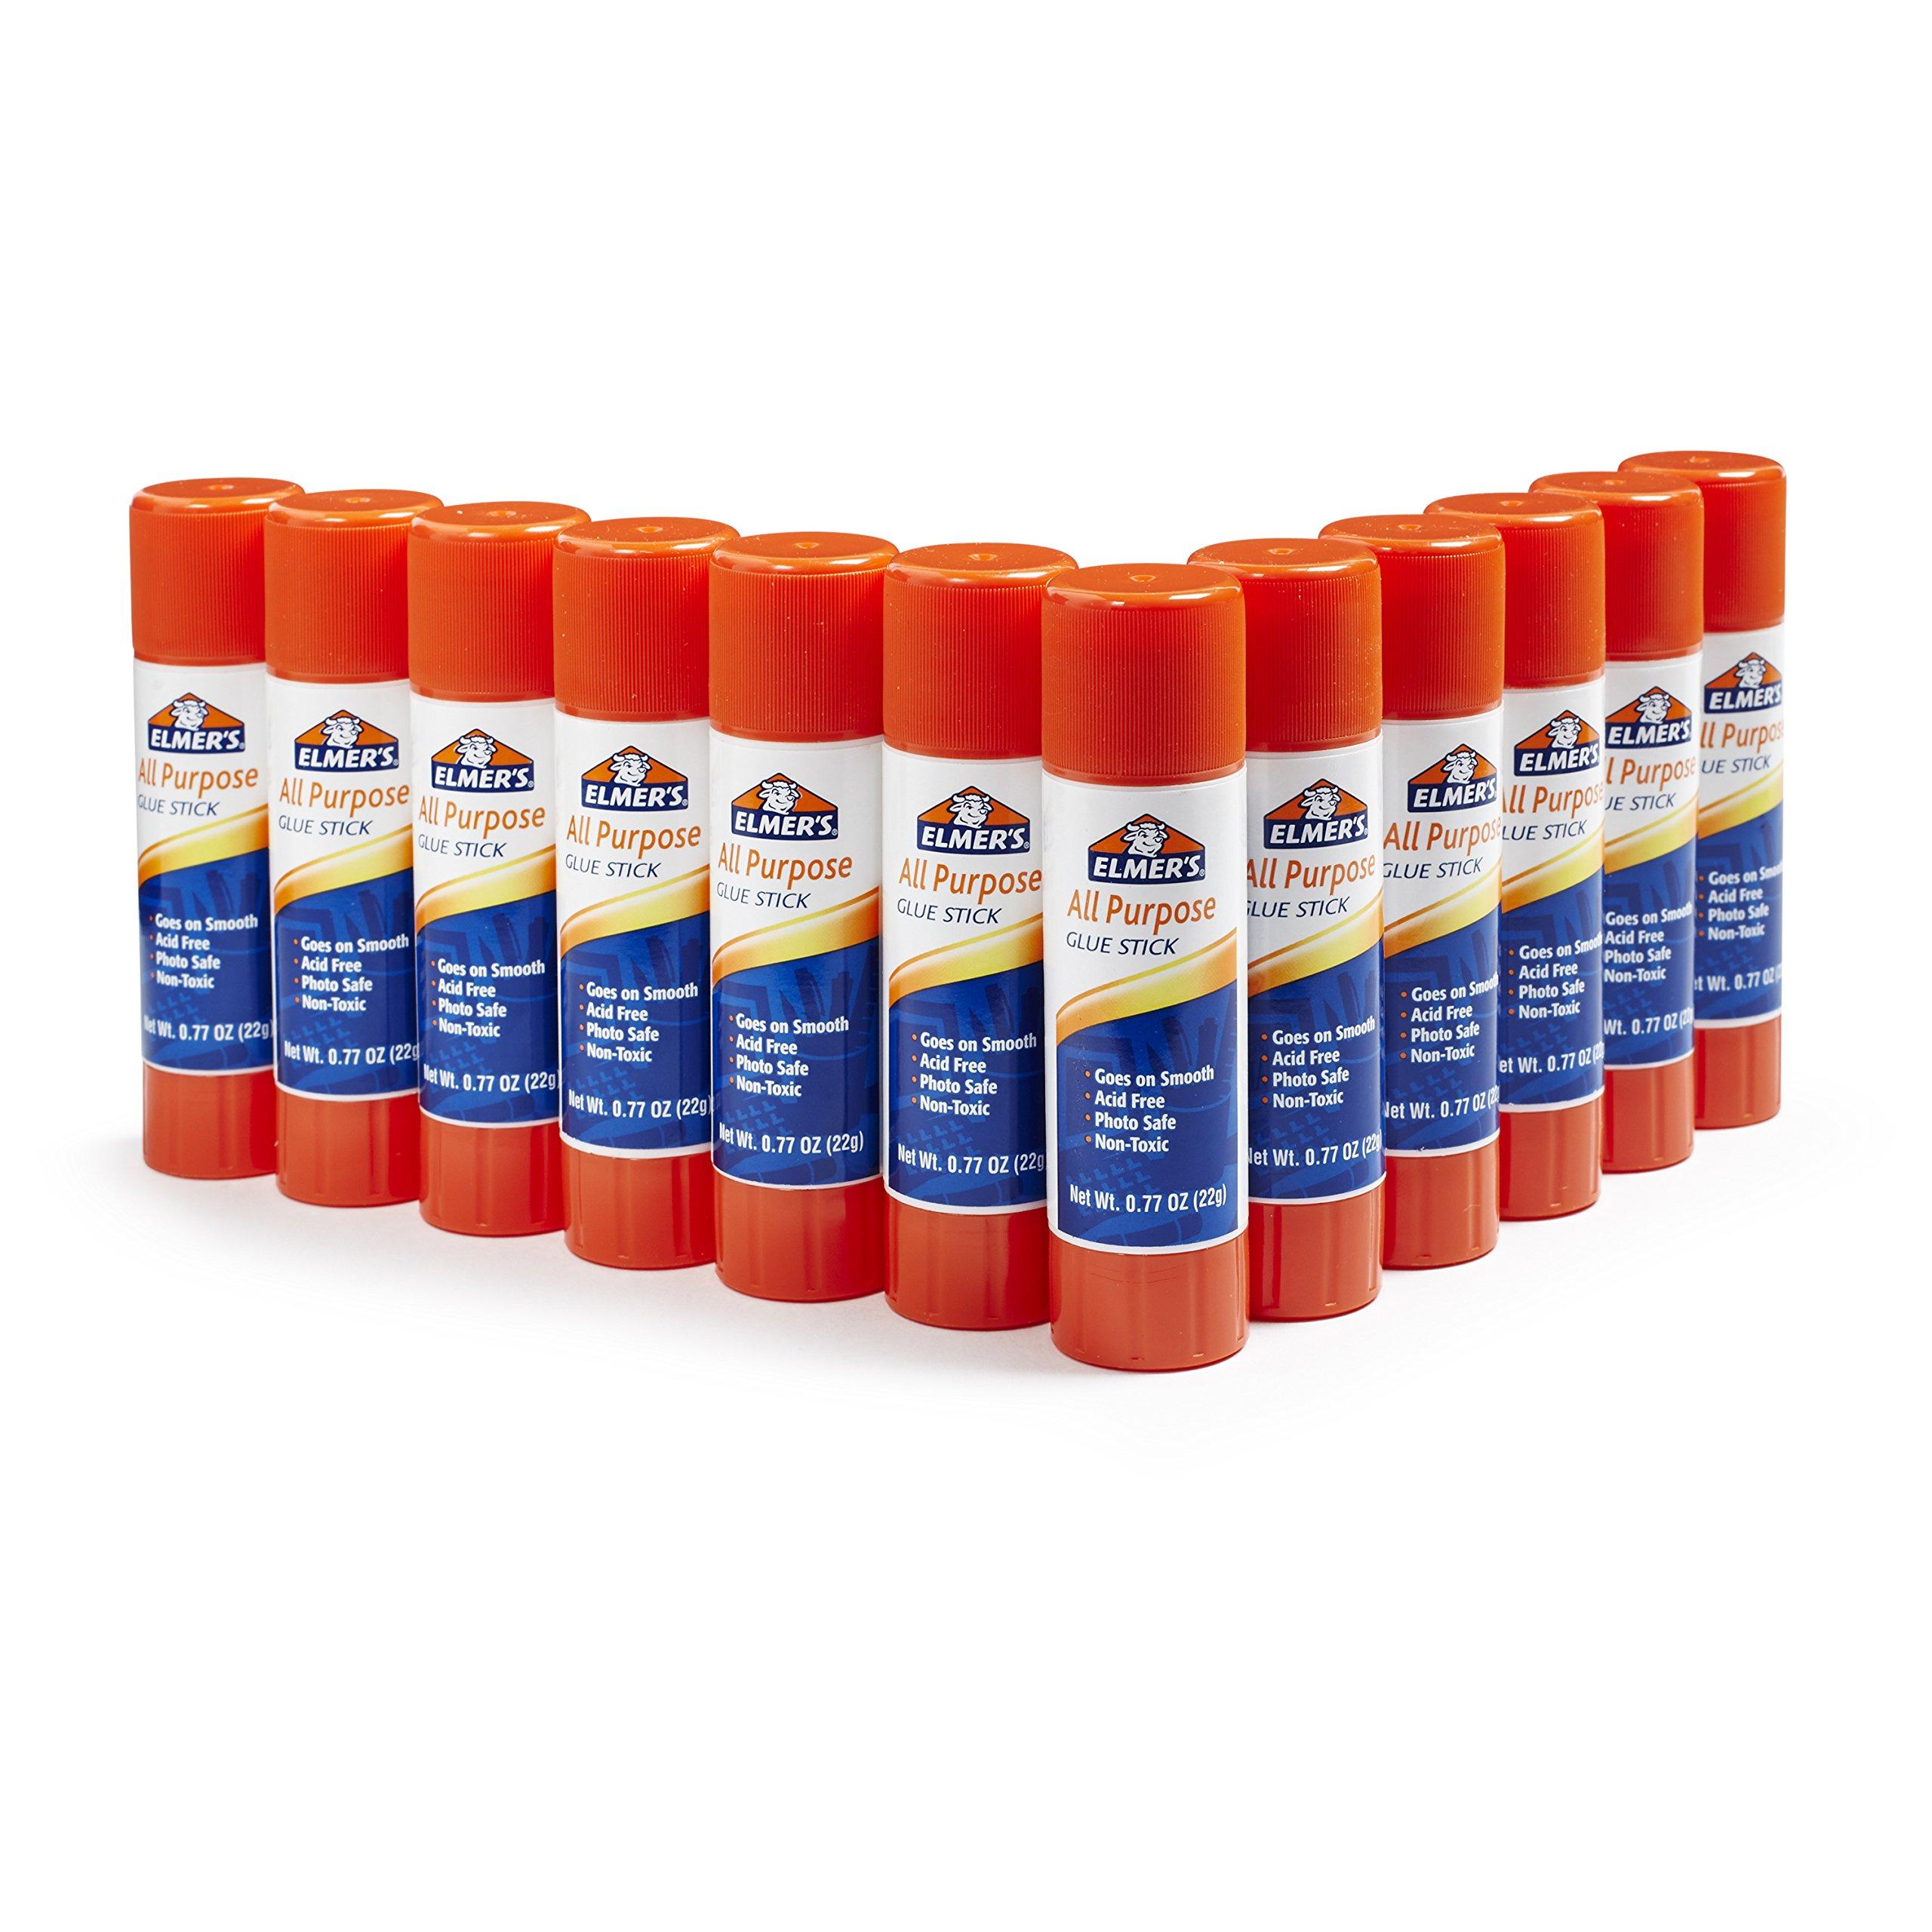 Elmer's All Purpose Glue Sticks, 12 Pack, 0.77-ounce sticks by Elmer's